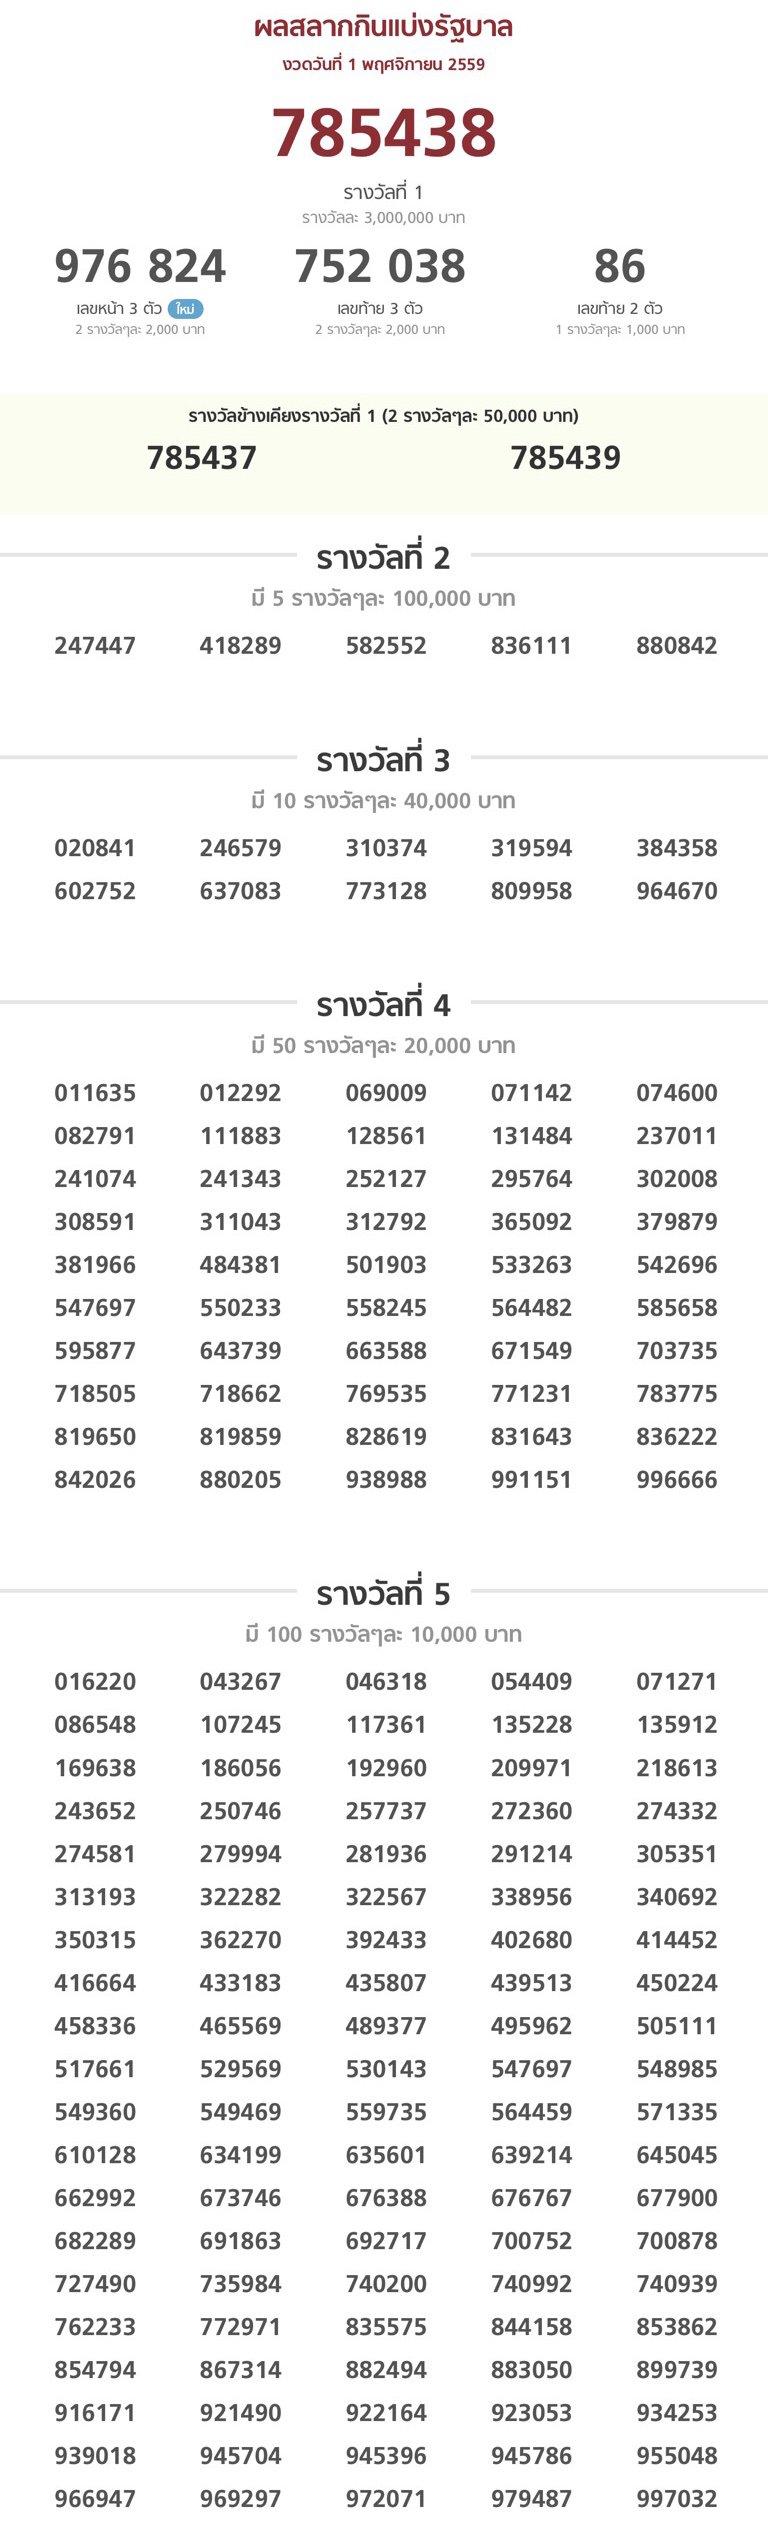 d6be1e5e-276f-41ba-b9ac-78b526cef6fcl0001